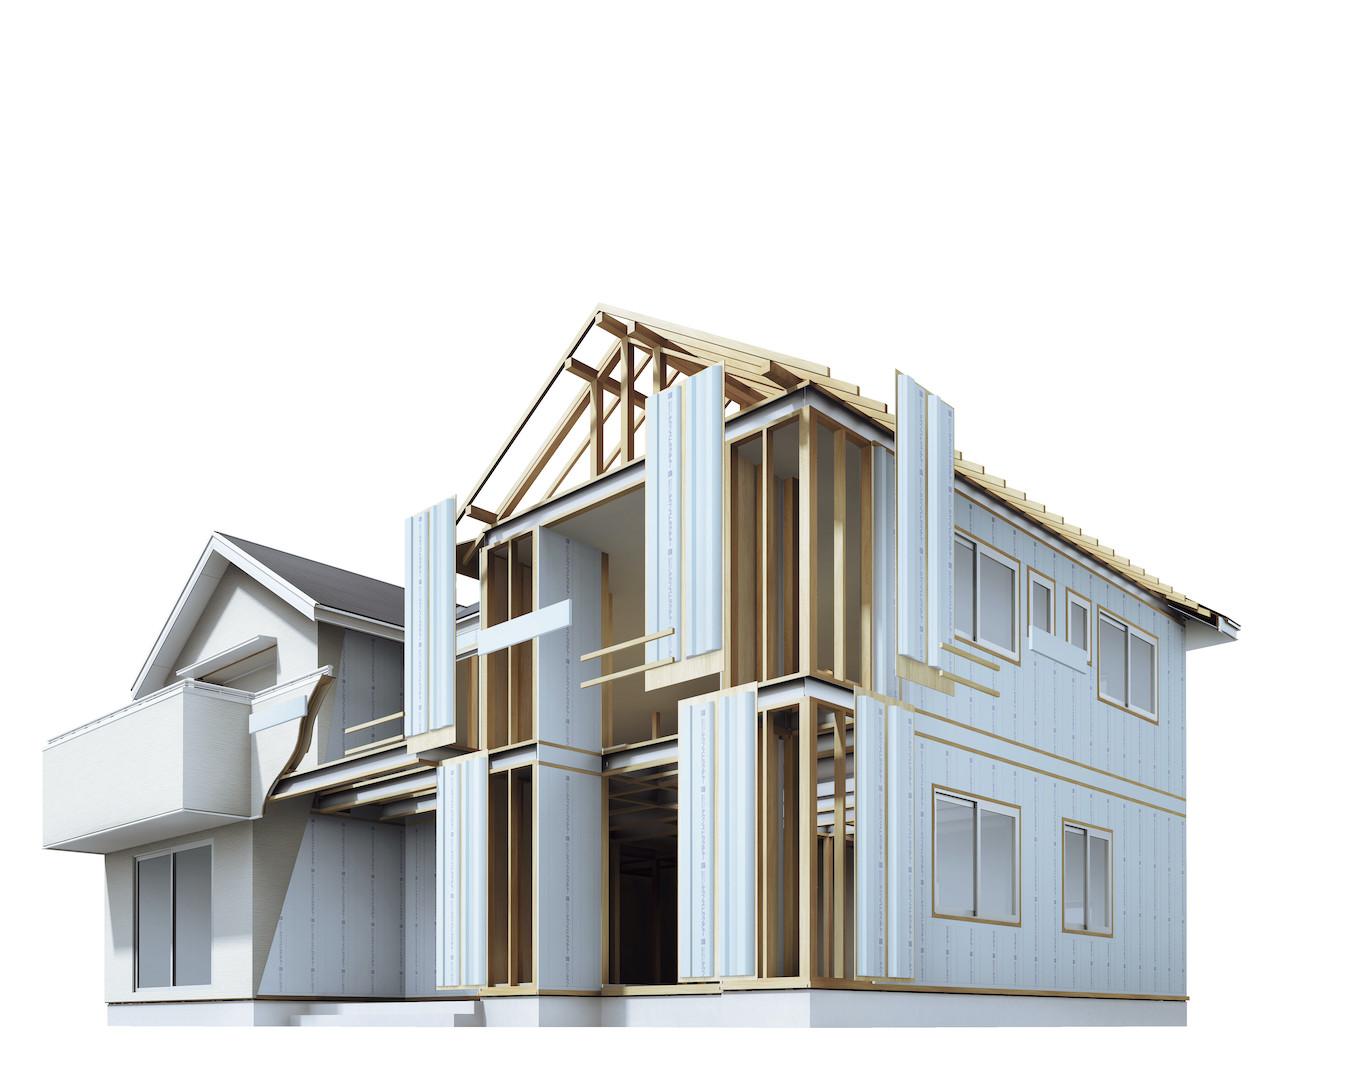 【ナカジマ建設が提供する「テクノあったかパネル」の家】